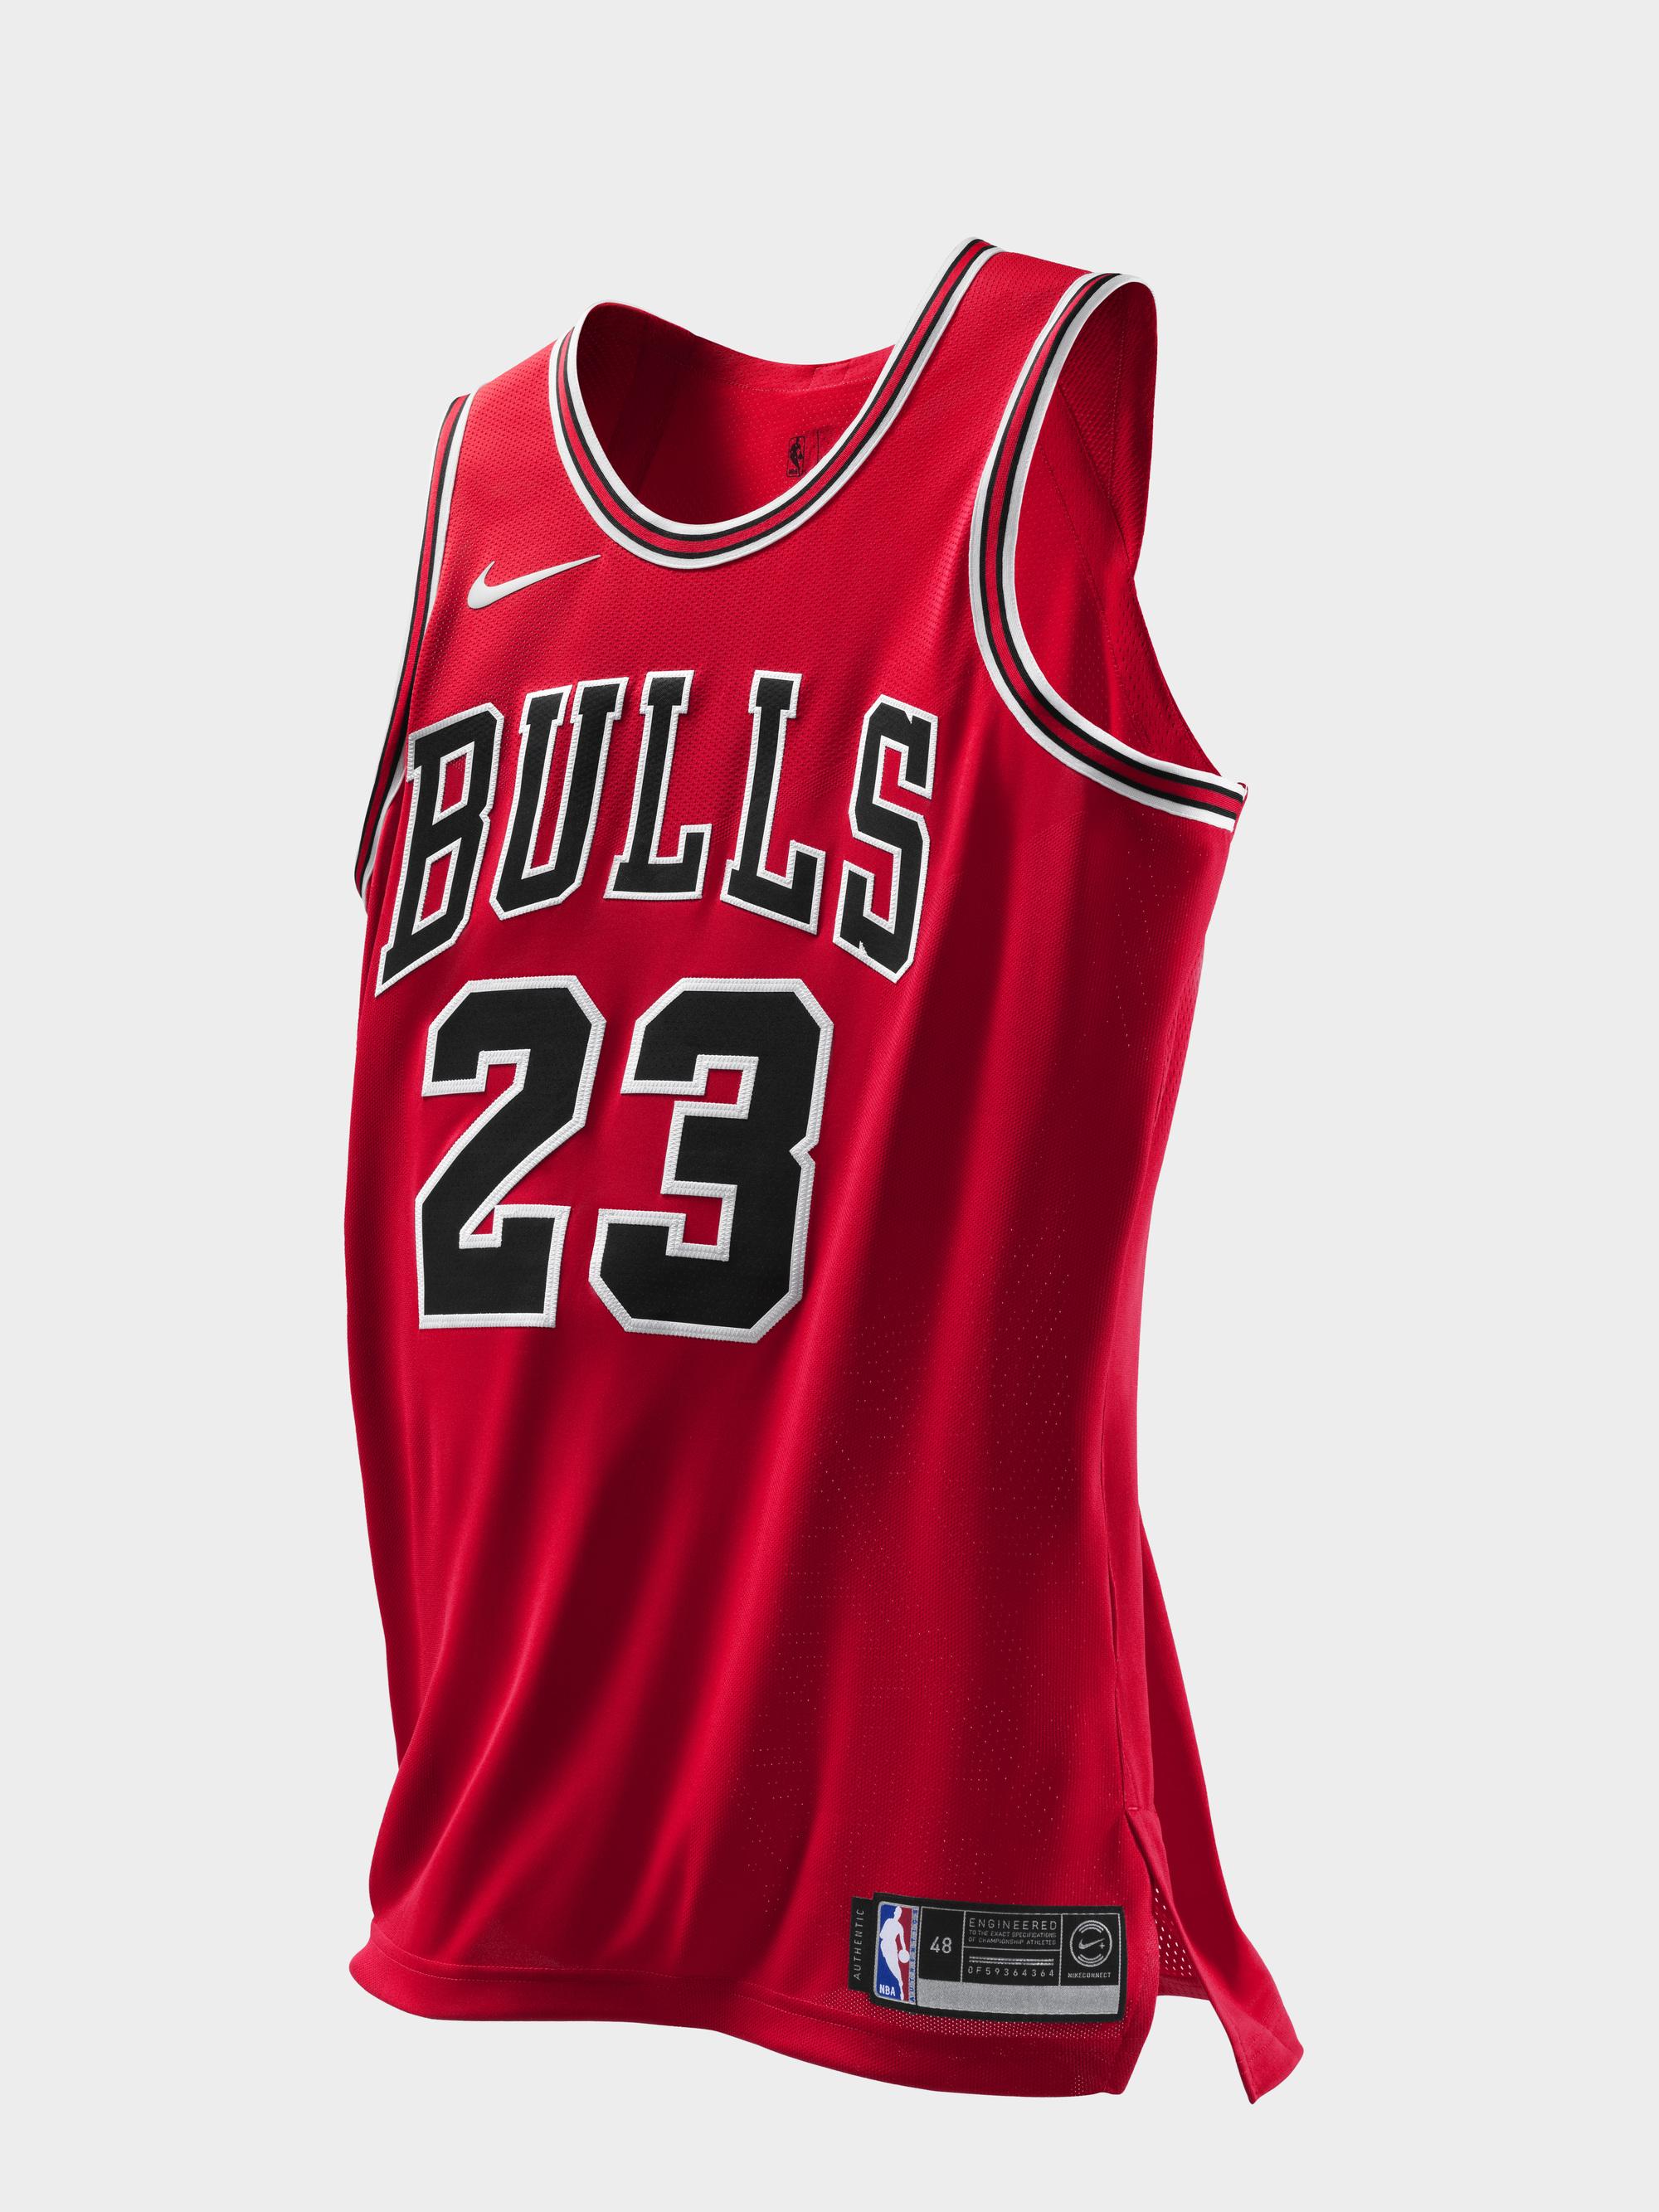 Michael Jordan authentic jersey last shot 0